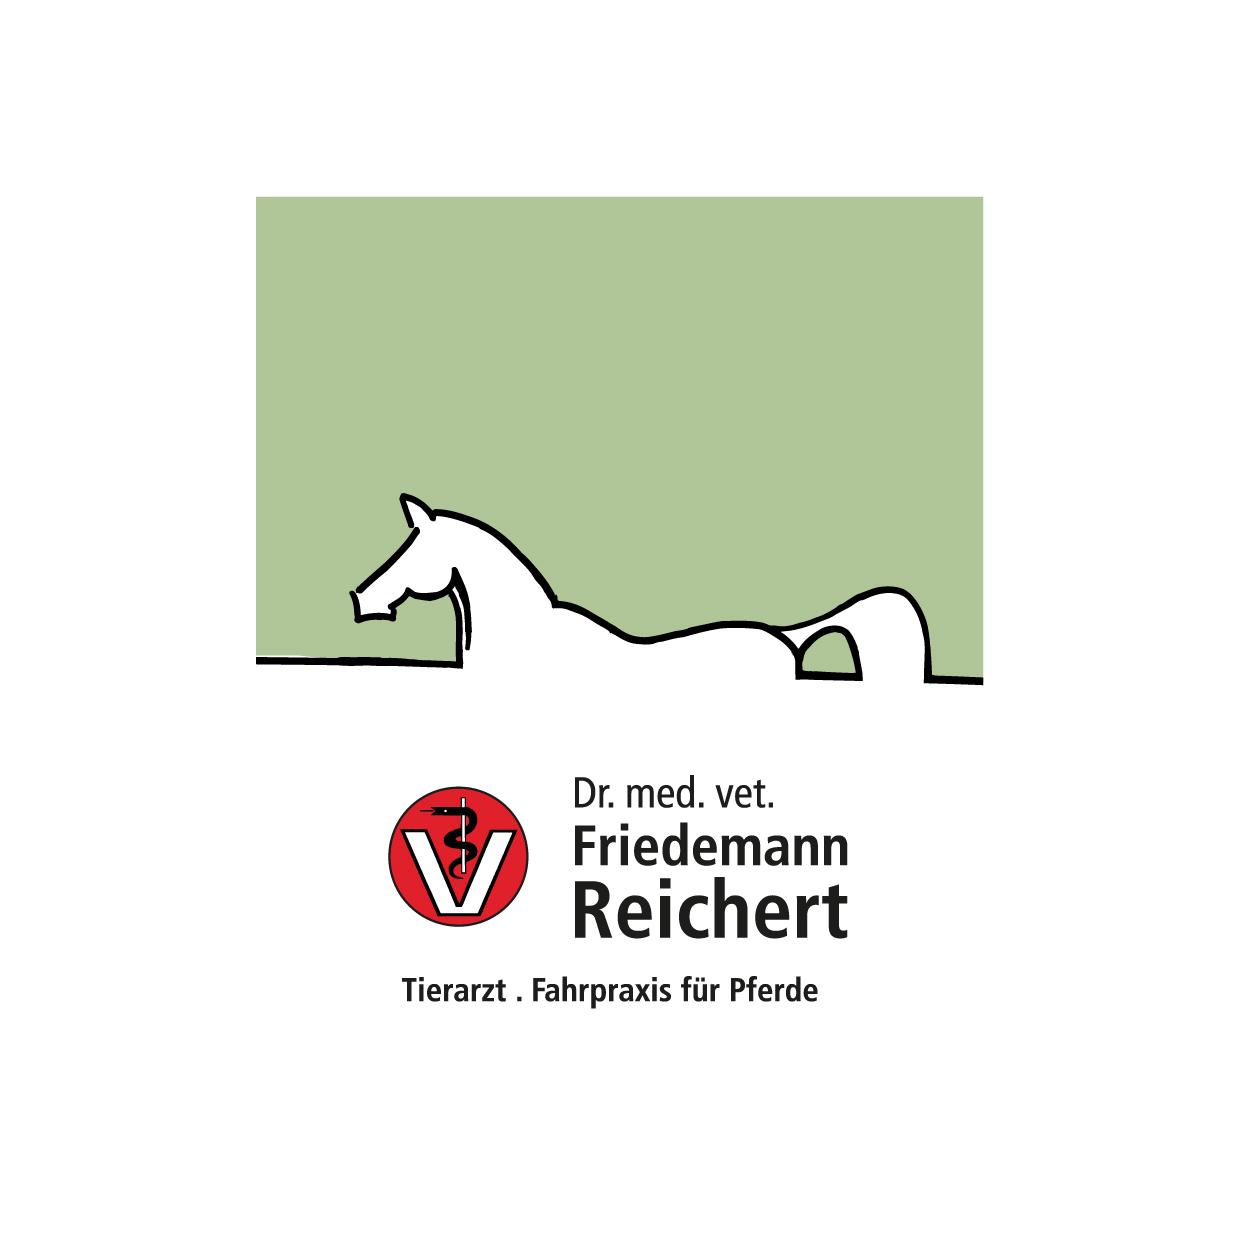 Logo_Dr_Reichert_Zeichenfläche 1.jpg